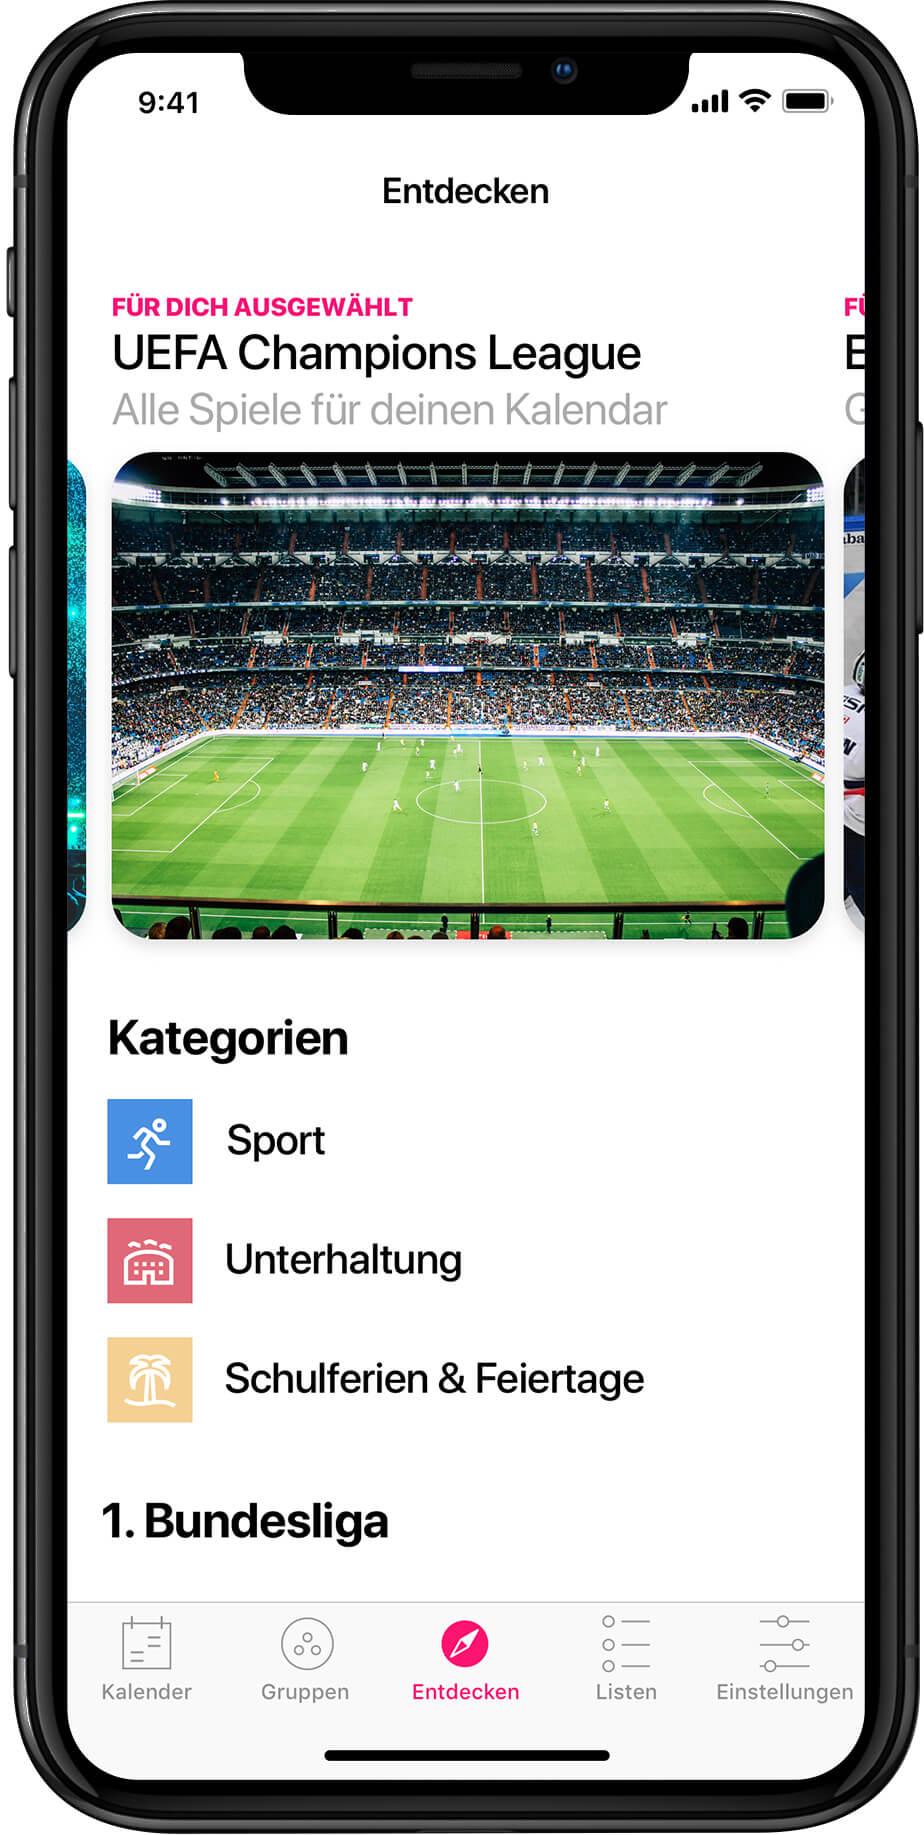 Entdecken-DE-iPhoneX.jpg